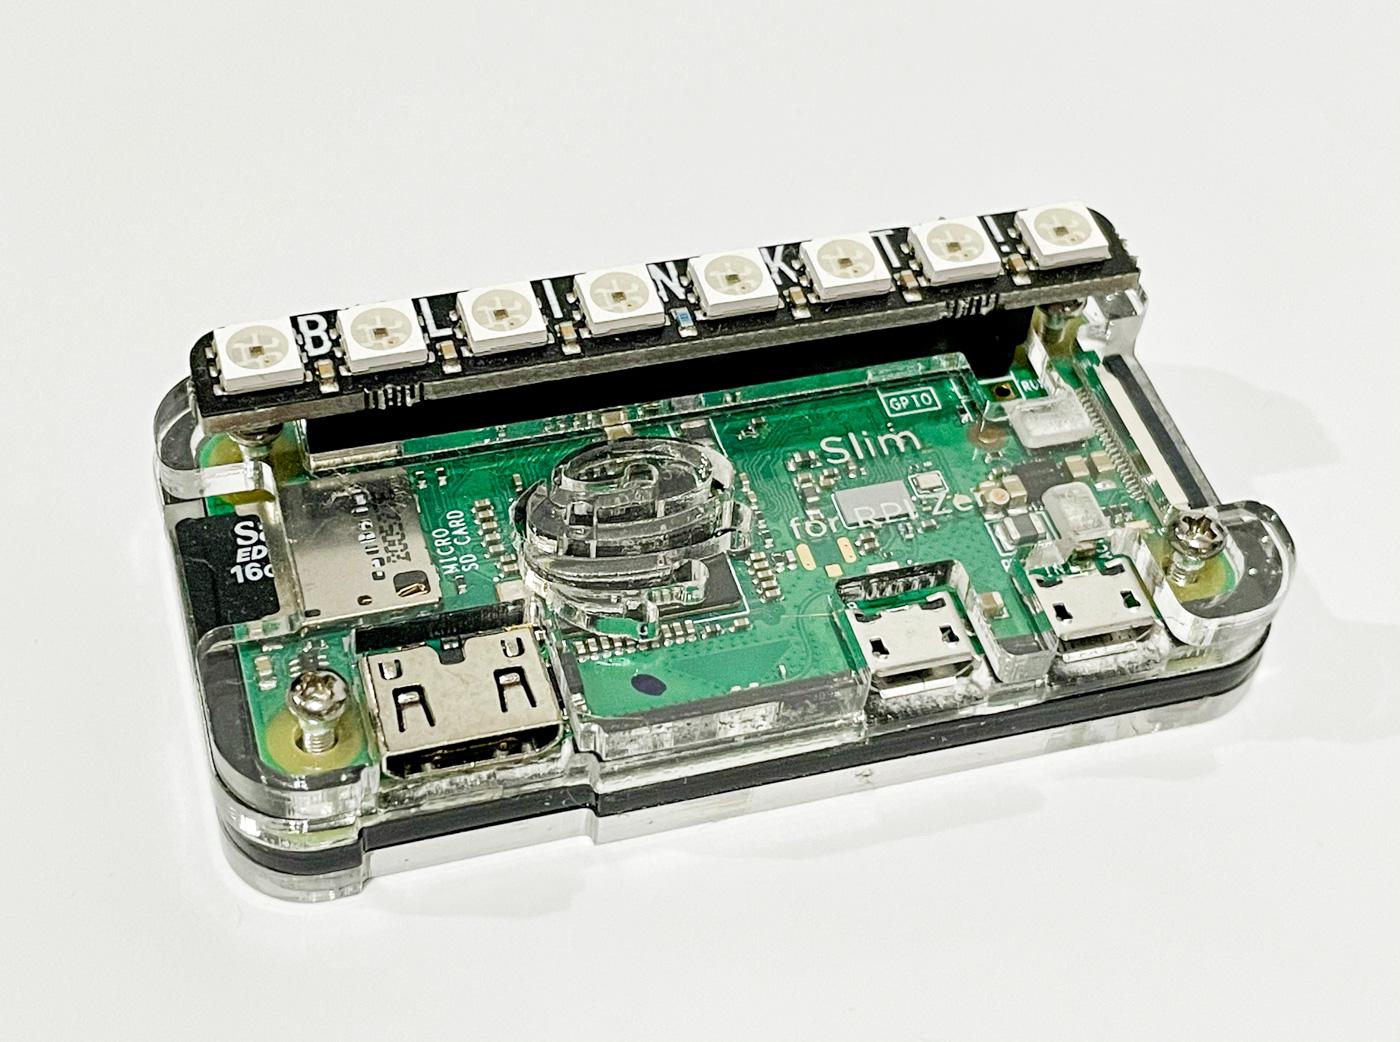 Raspberry Pi Zero with Pimoroni LEDs